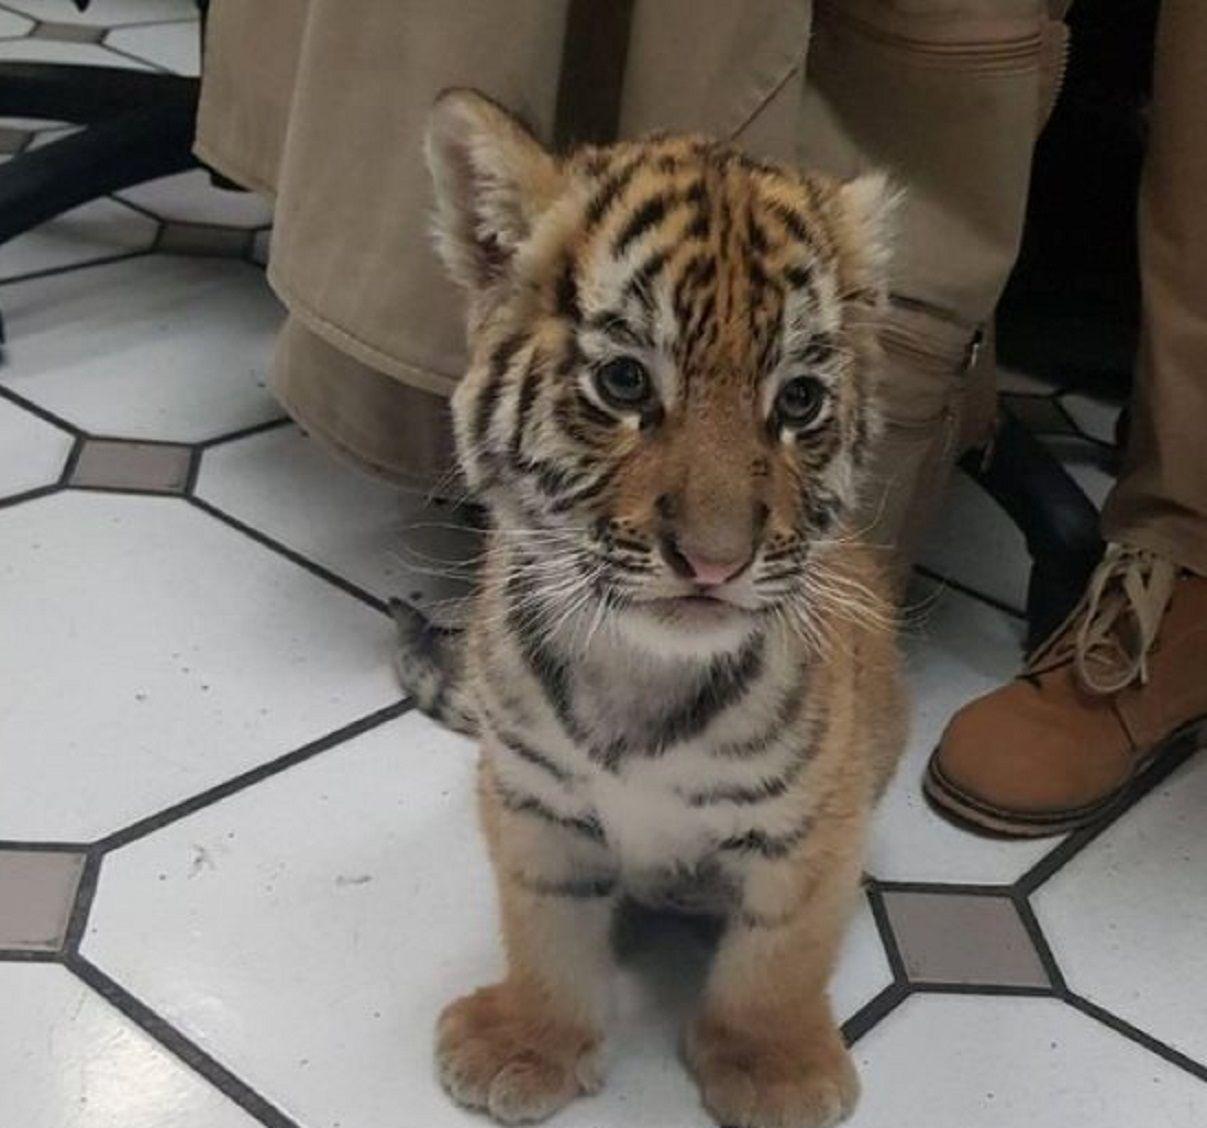 Encuentran un pequeño tigre dentro de un paquete de correo en México